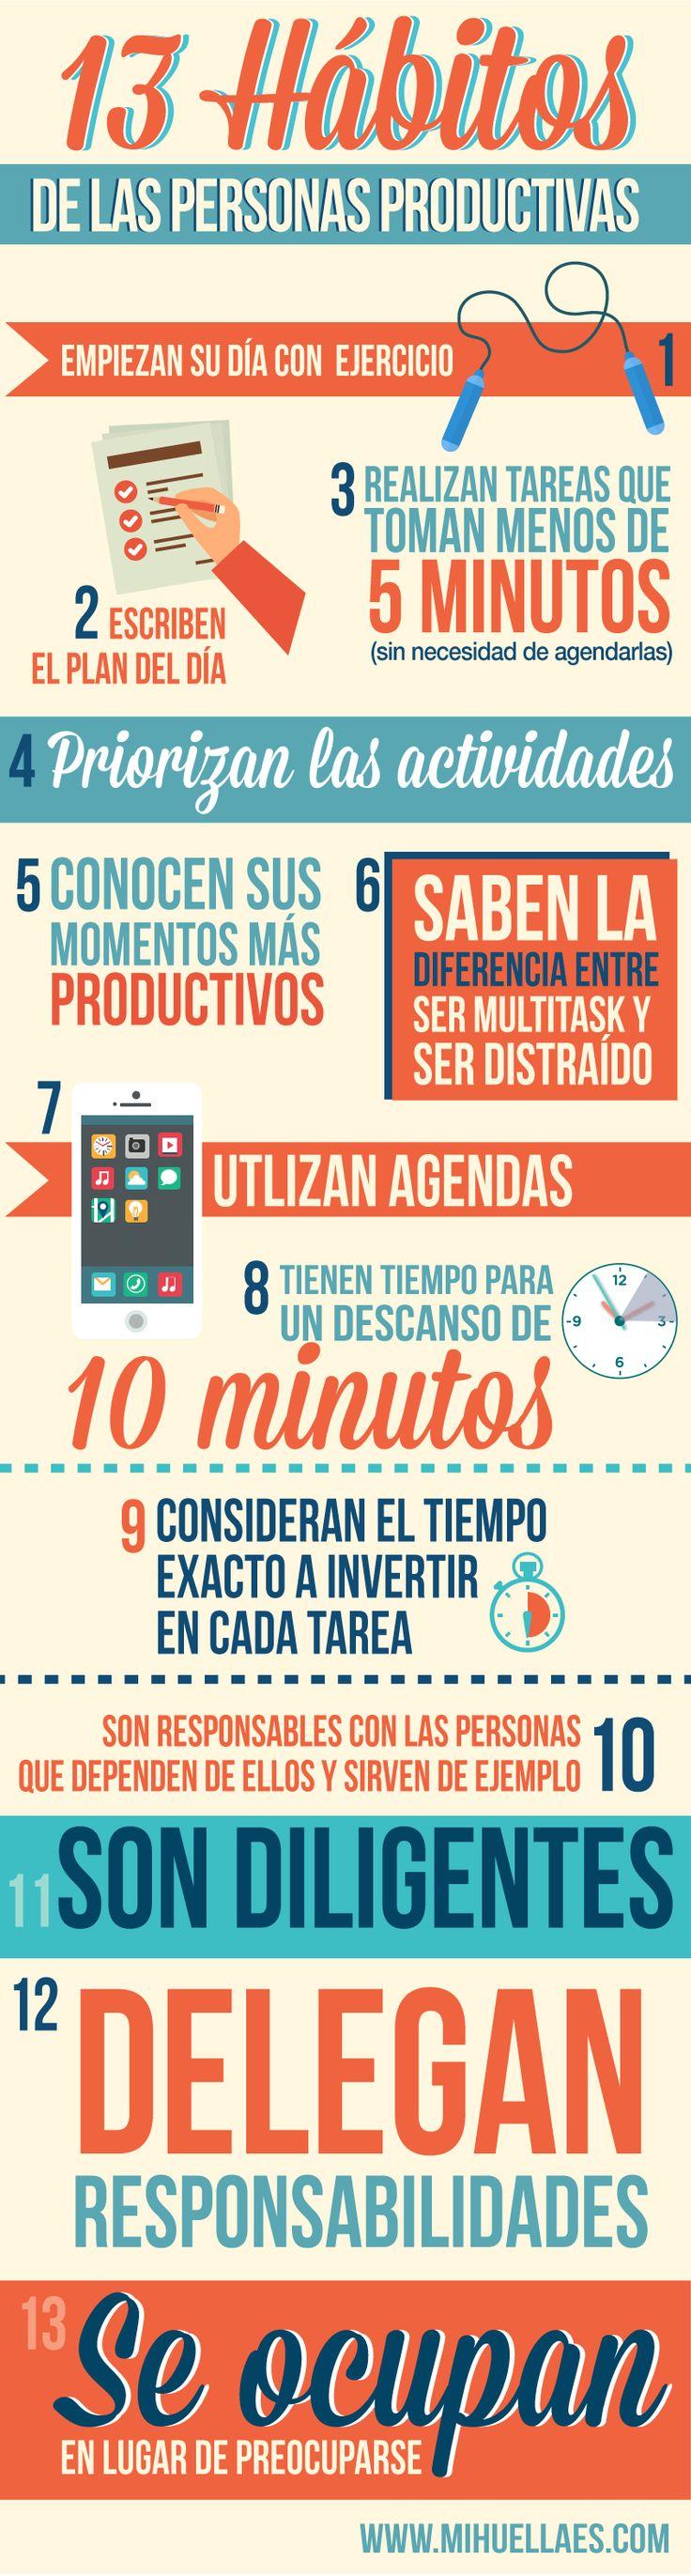 Infografía: 13 hábitos de las personas productivas.